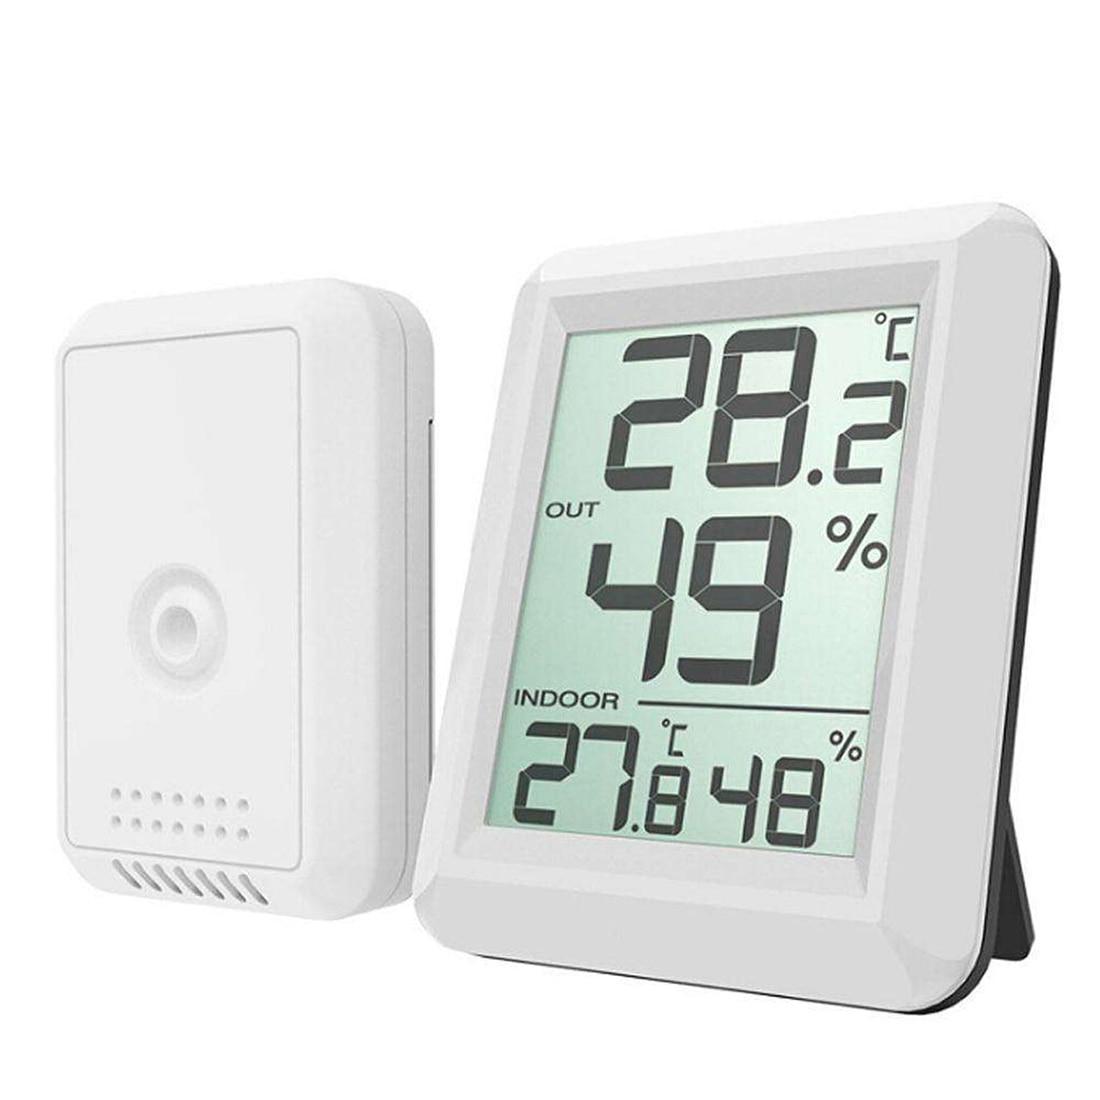 Casa estação sem fio indoor/outdoor higrômetro eletrônico medidor de umidade temperatura digital termômetro ferramentas de teste de tempo